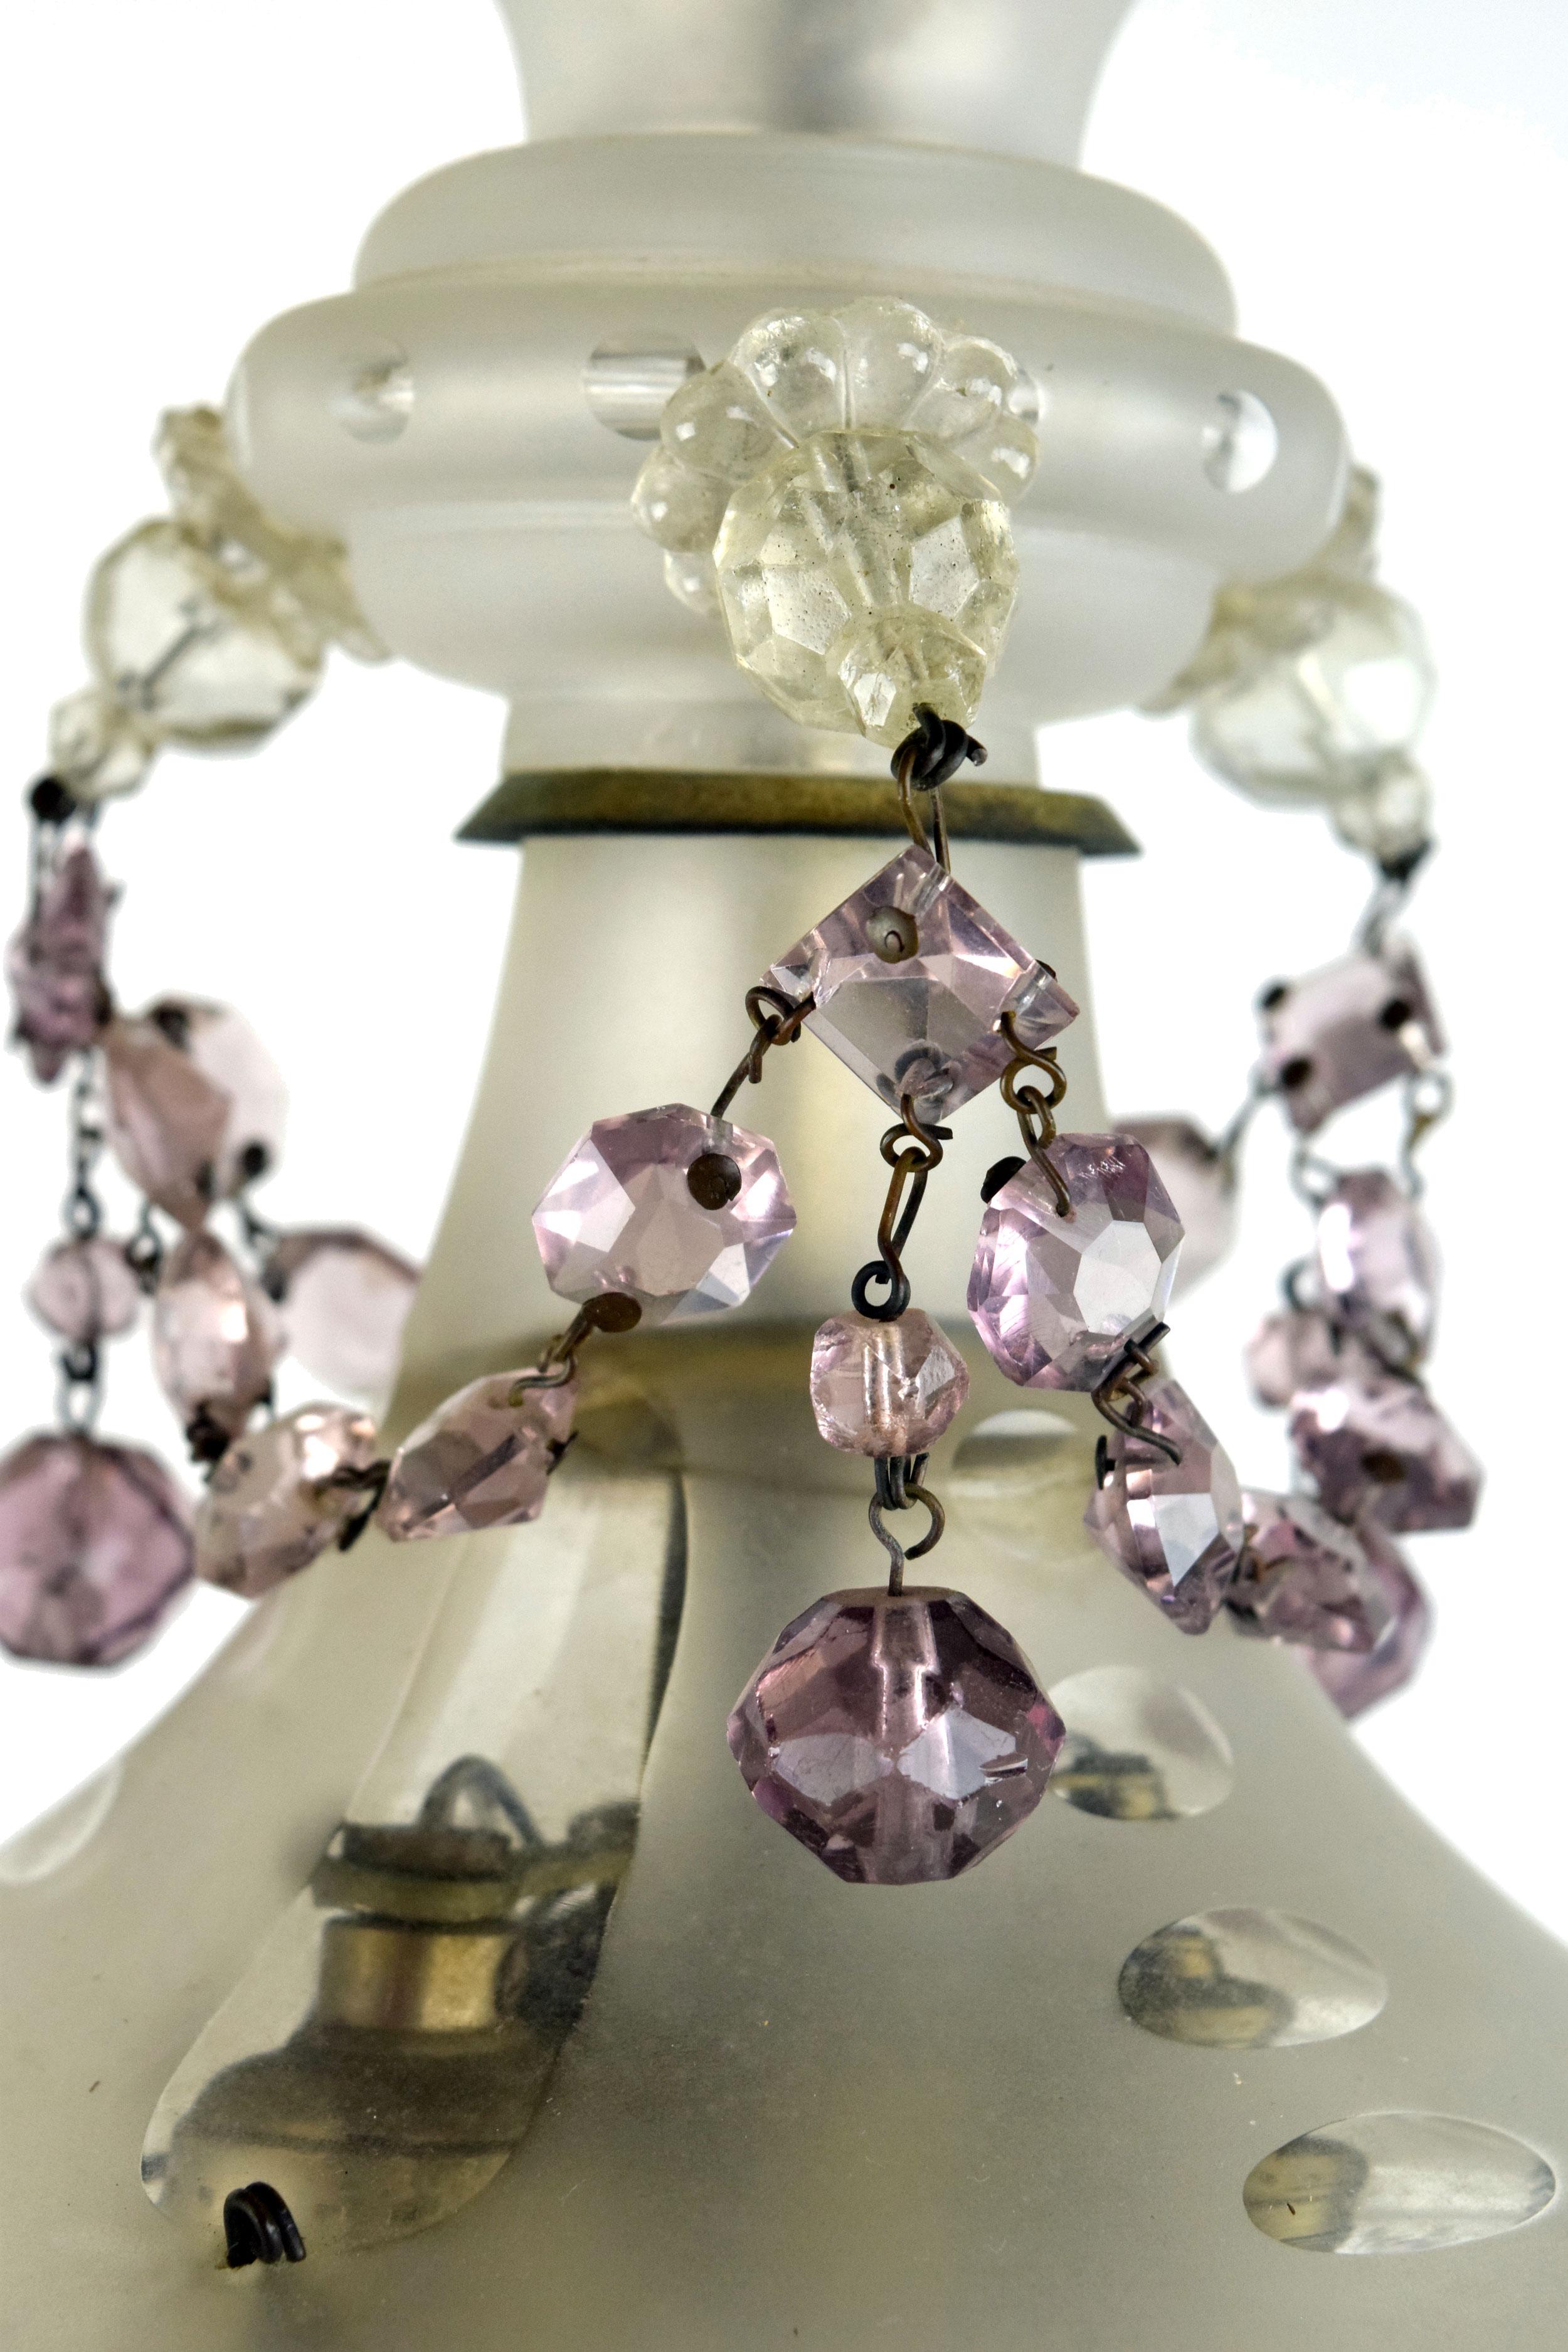 48083-glass-body-wedding-cake-jewel-closeup2.jpg